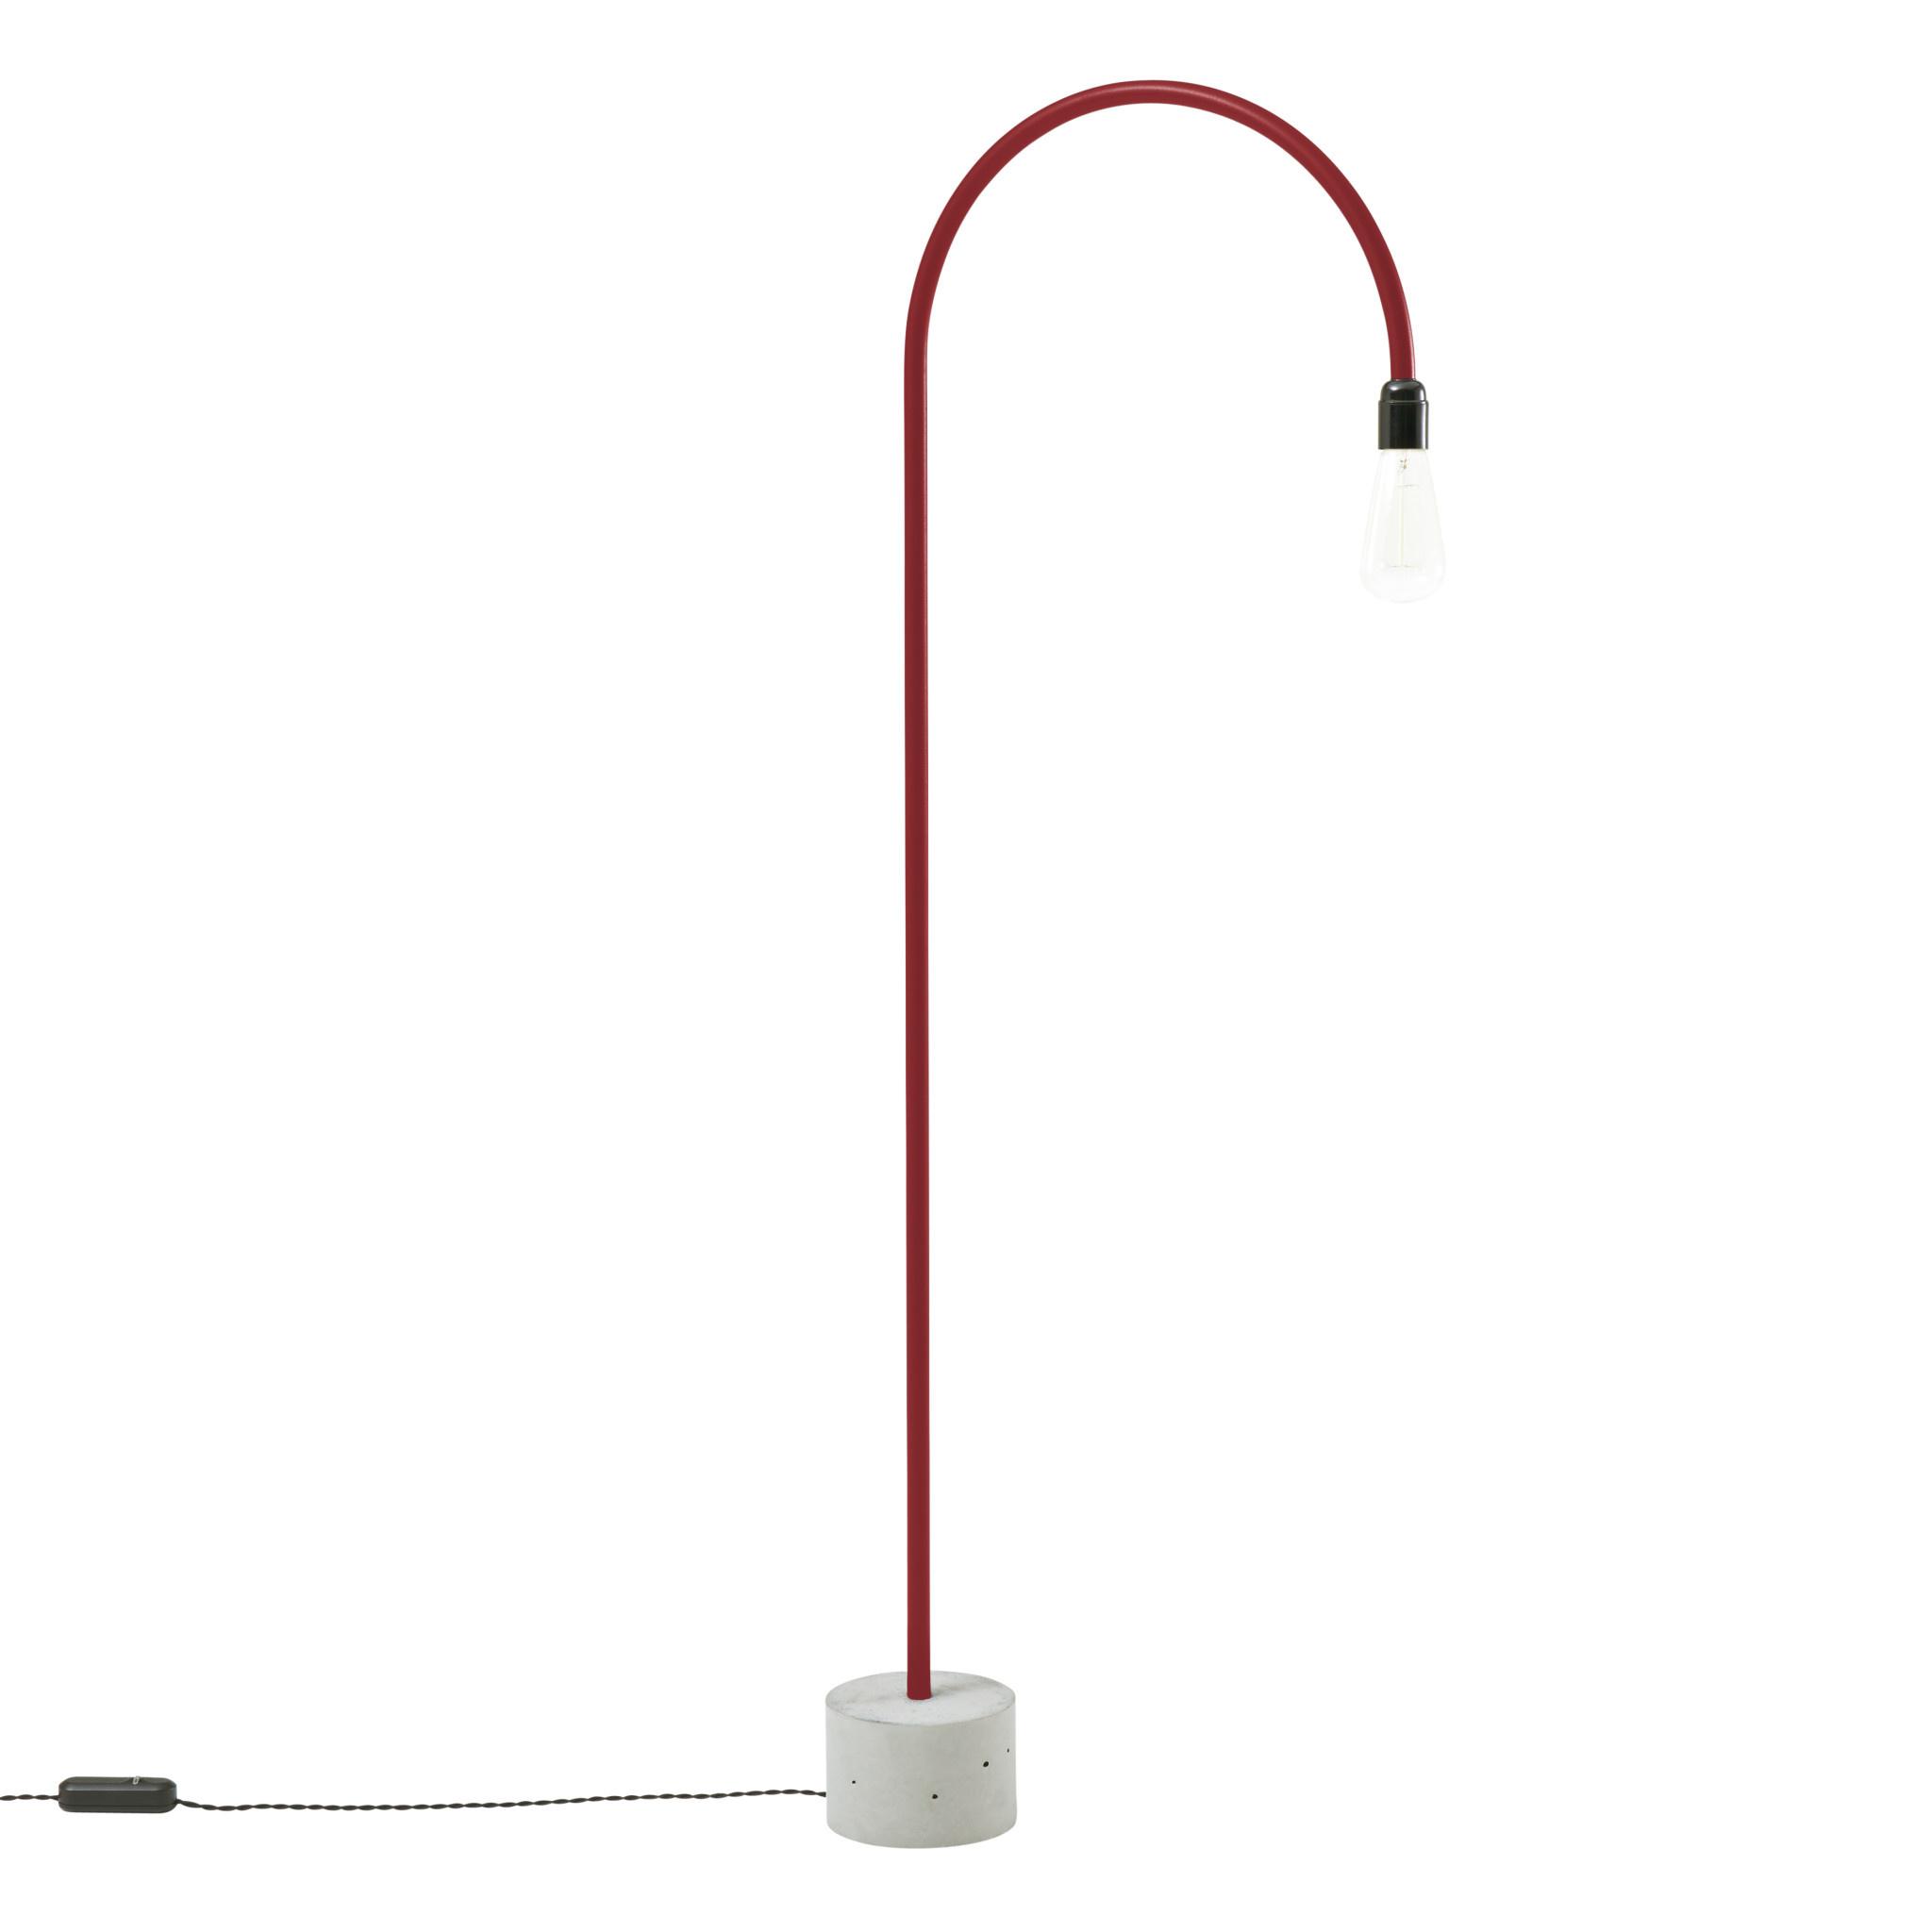 bultin bul045 vloerlamp h1400 - concrete grey base